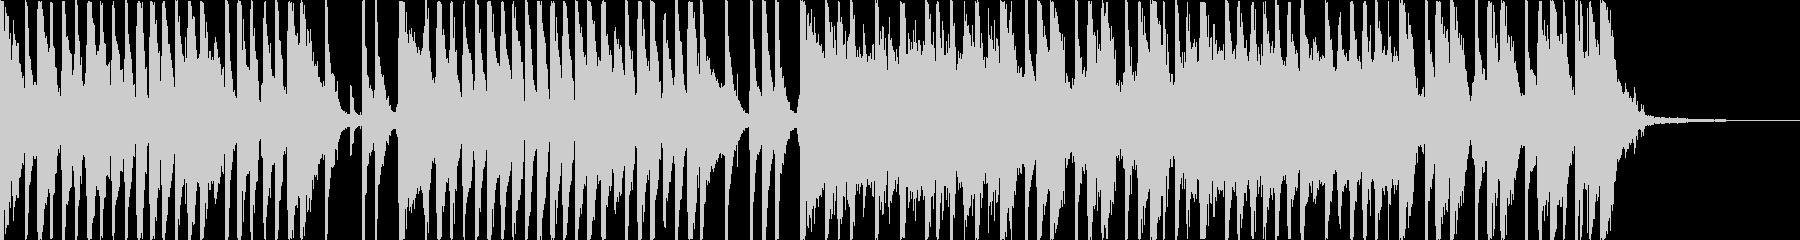 爽やかに流れるようなピアノポップの未再生の波形